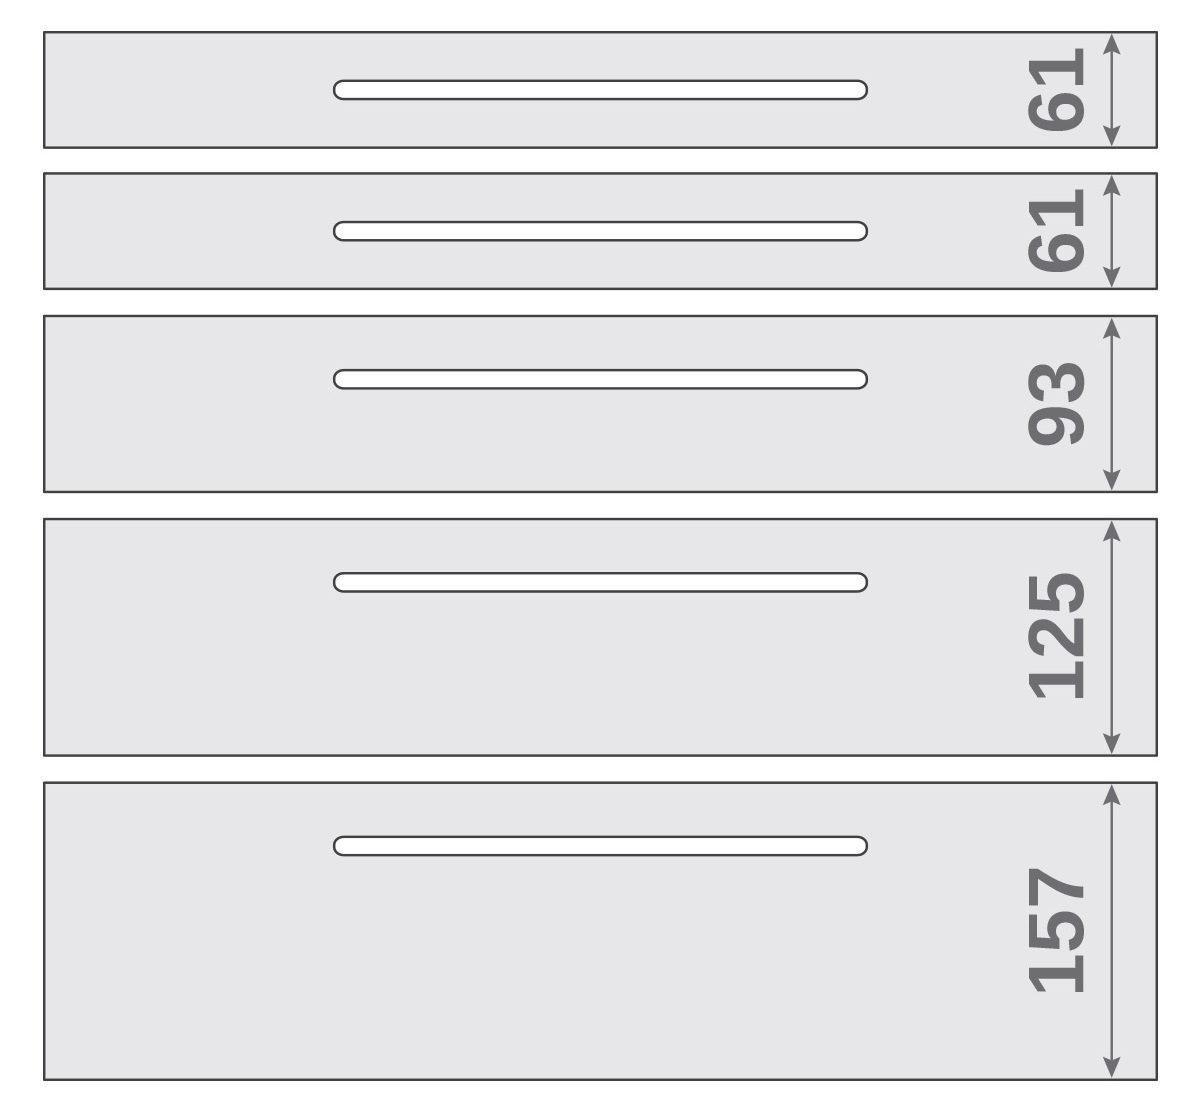 ПАНОК-СОЛО 600 long (каталожний номер 15.1-15.6), Каталожний номер 15.3